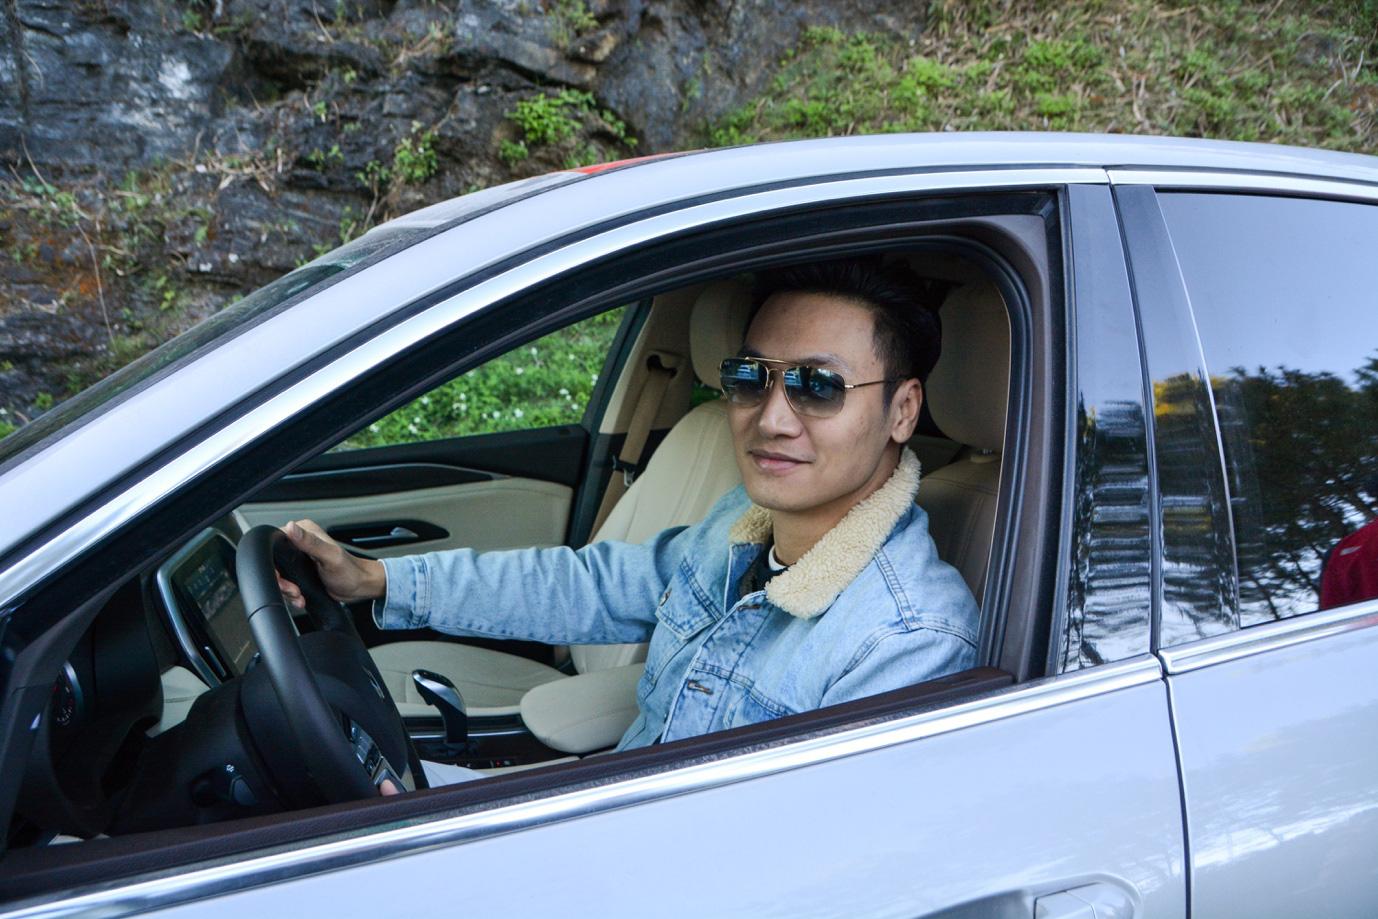 Mạnh Trường, Bảo Thanh thể hiện trình độ lái xe chẳng kém ai trên cung đường lắt léo đến Hà Giang - Ảnh 1.